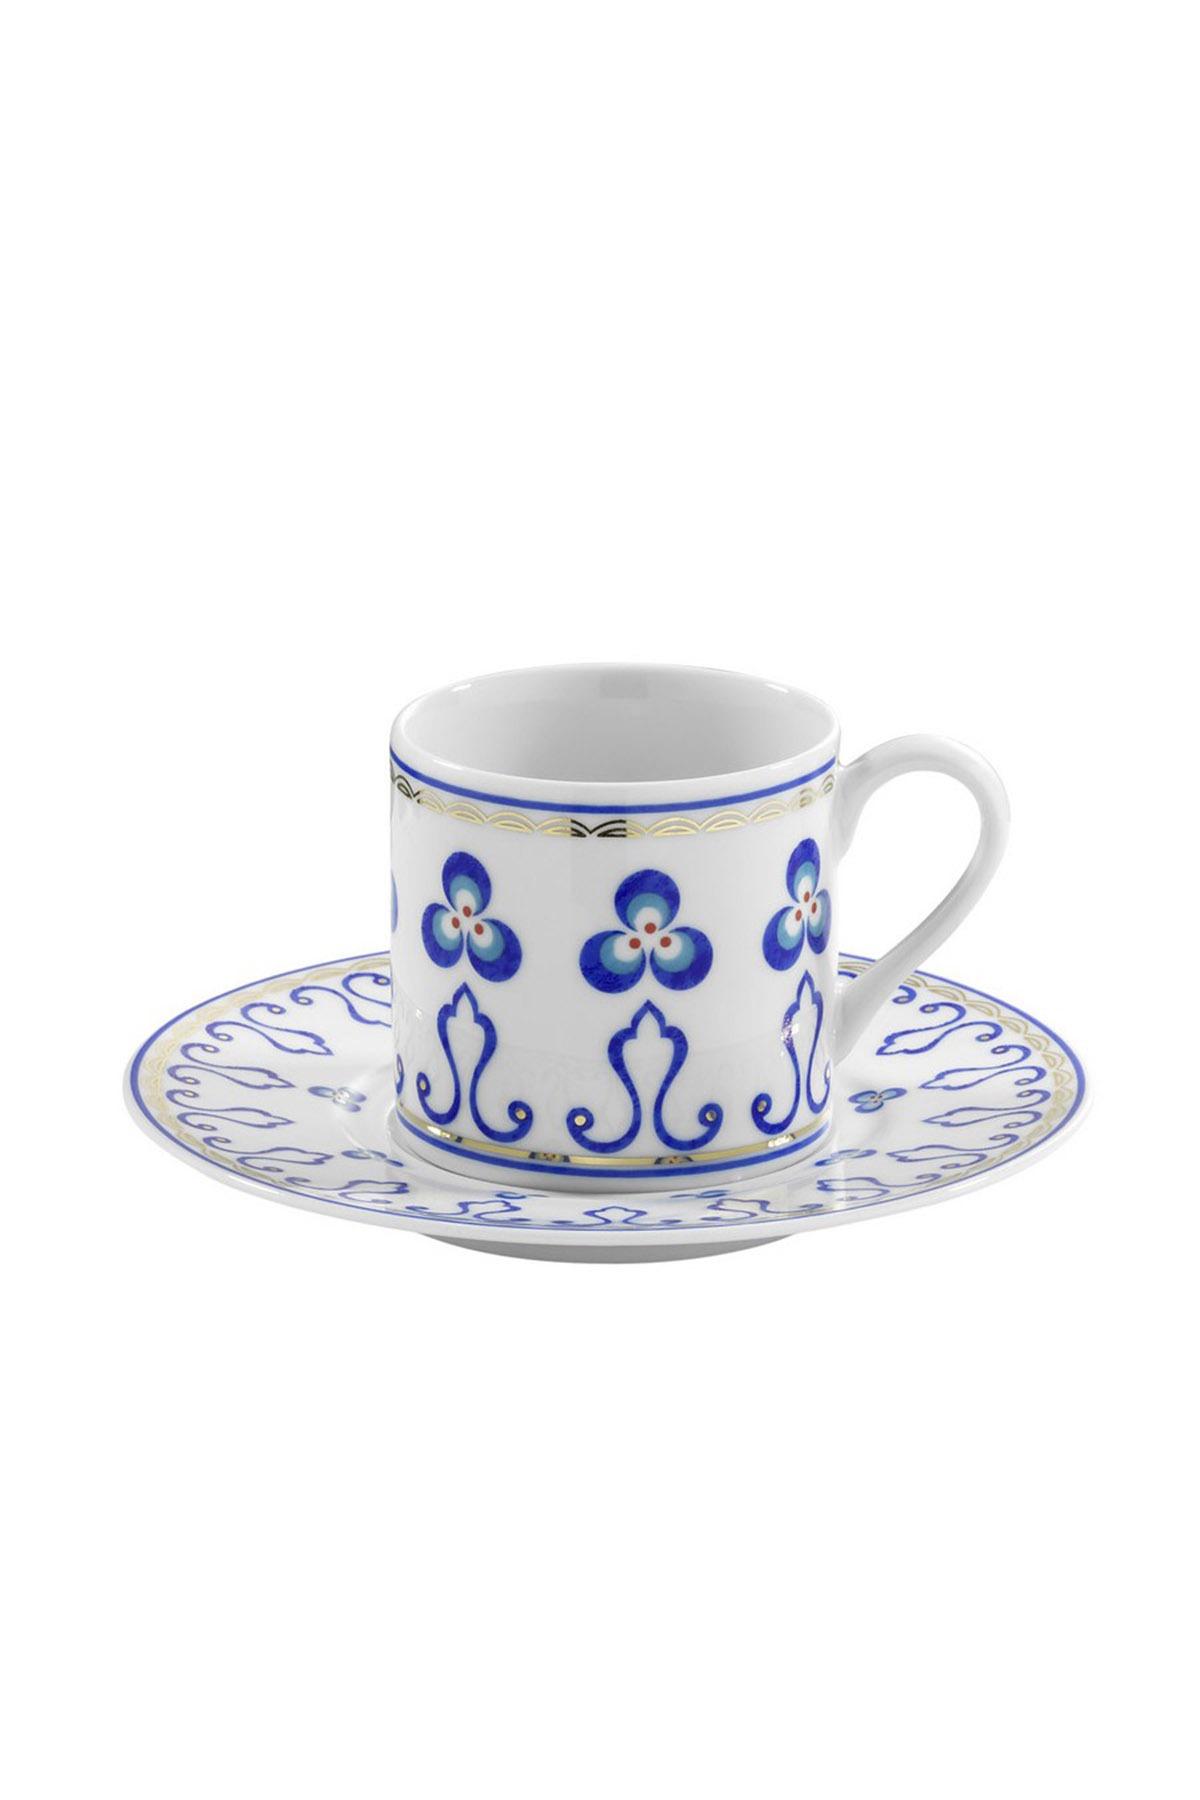 Kütahya Porselen Çintemani 9727 Desen Kahve Fincan Takımı